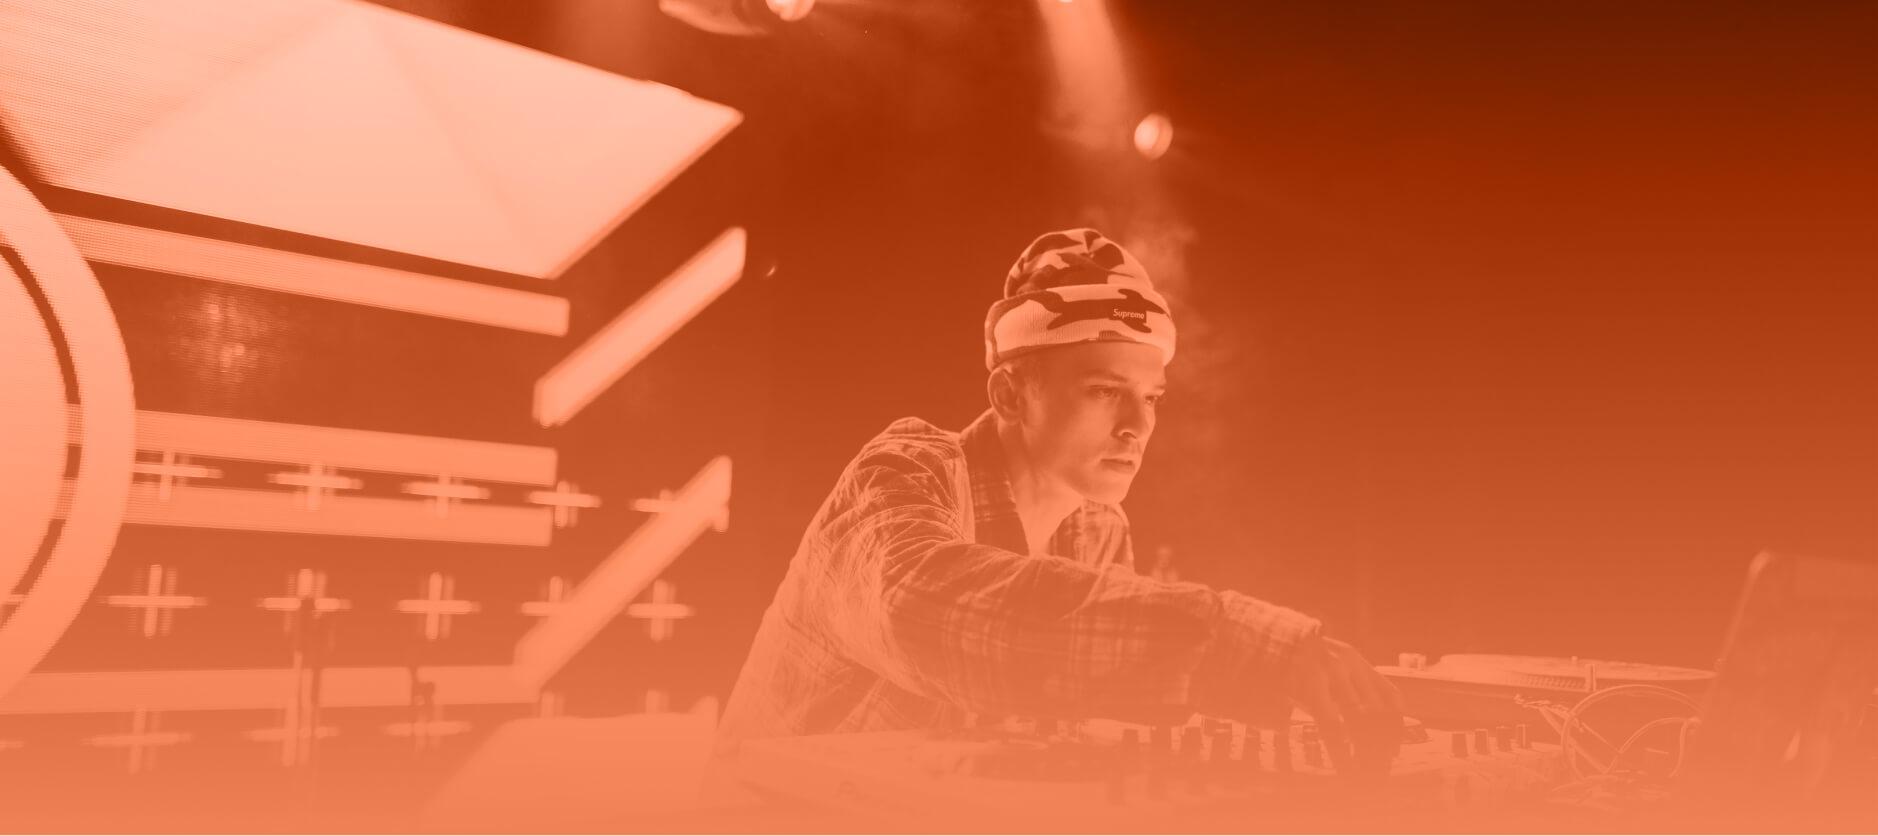 DJ performing a set